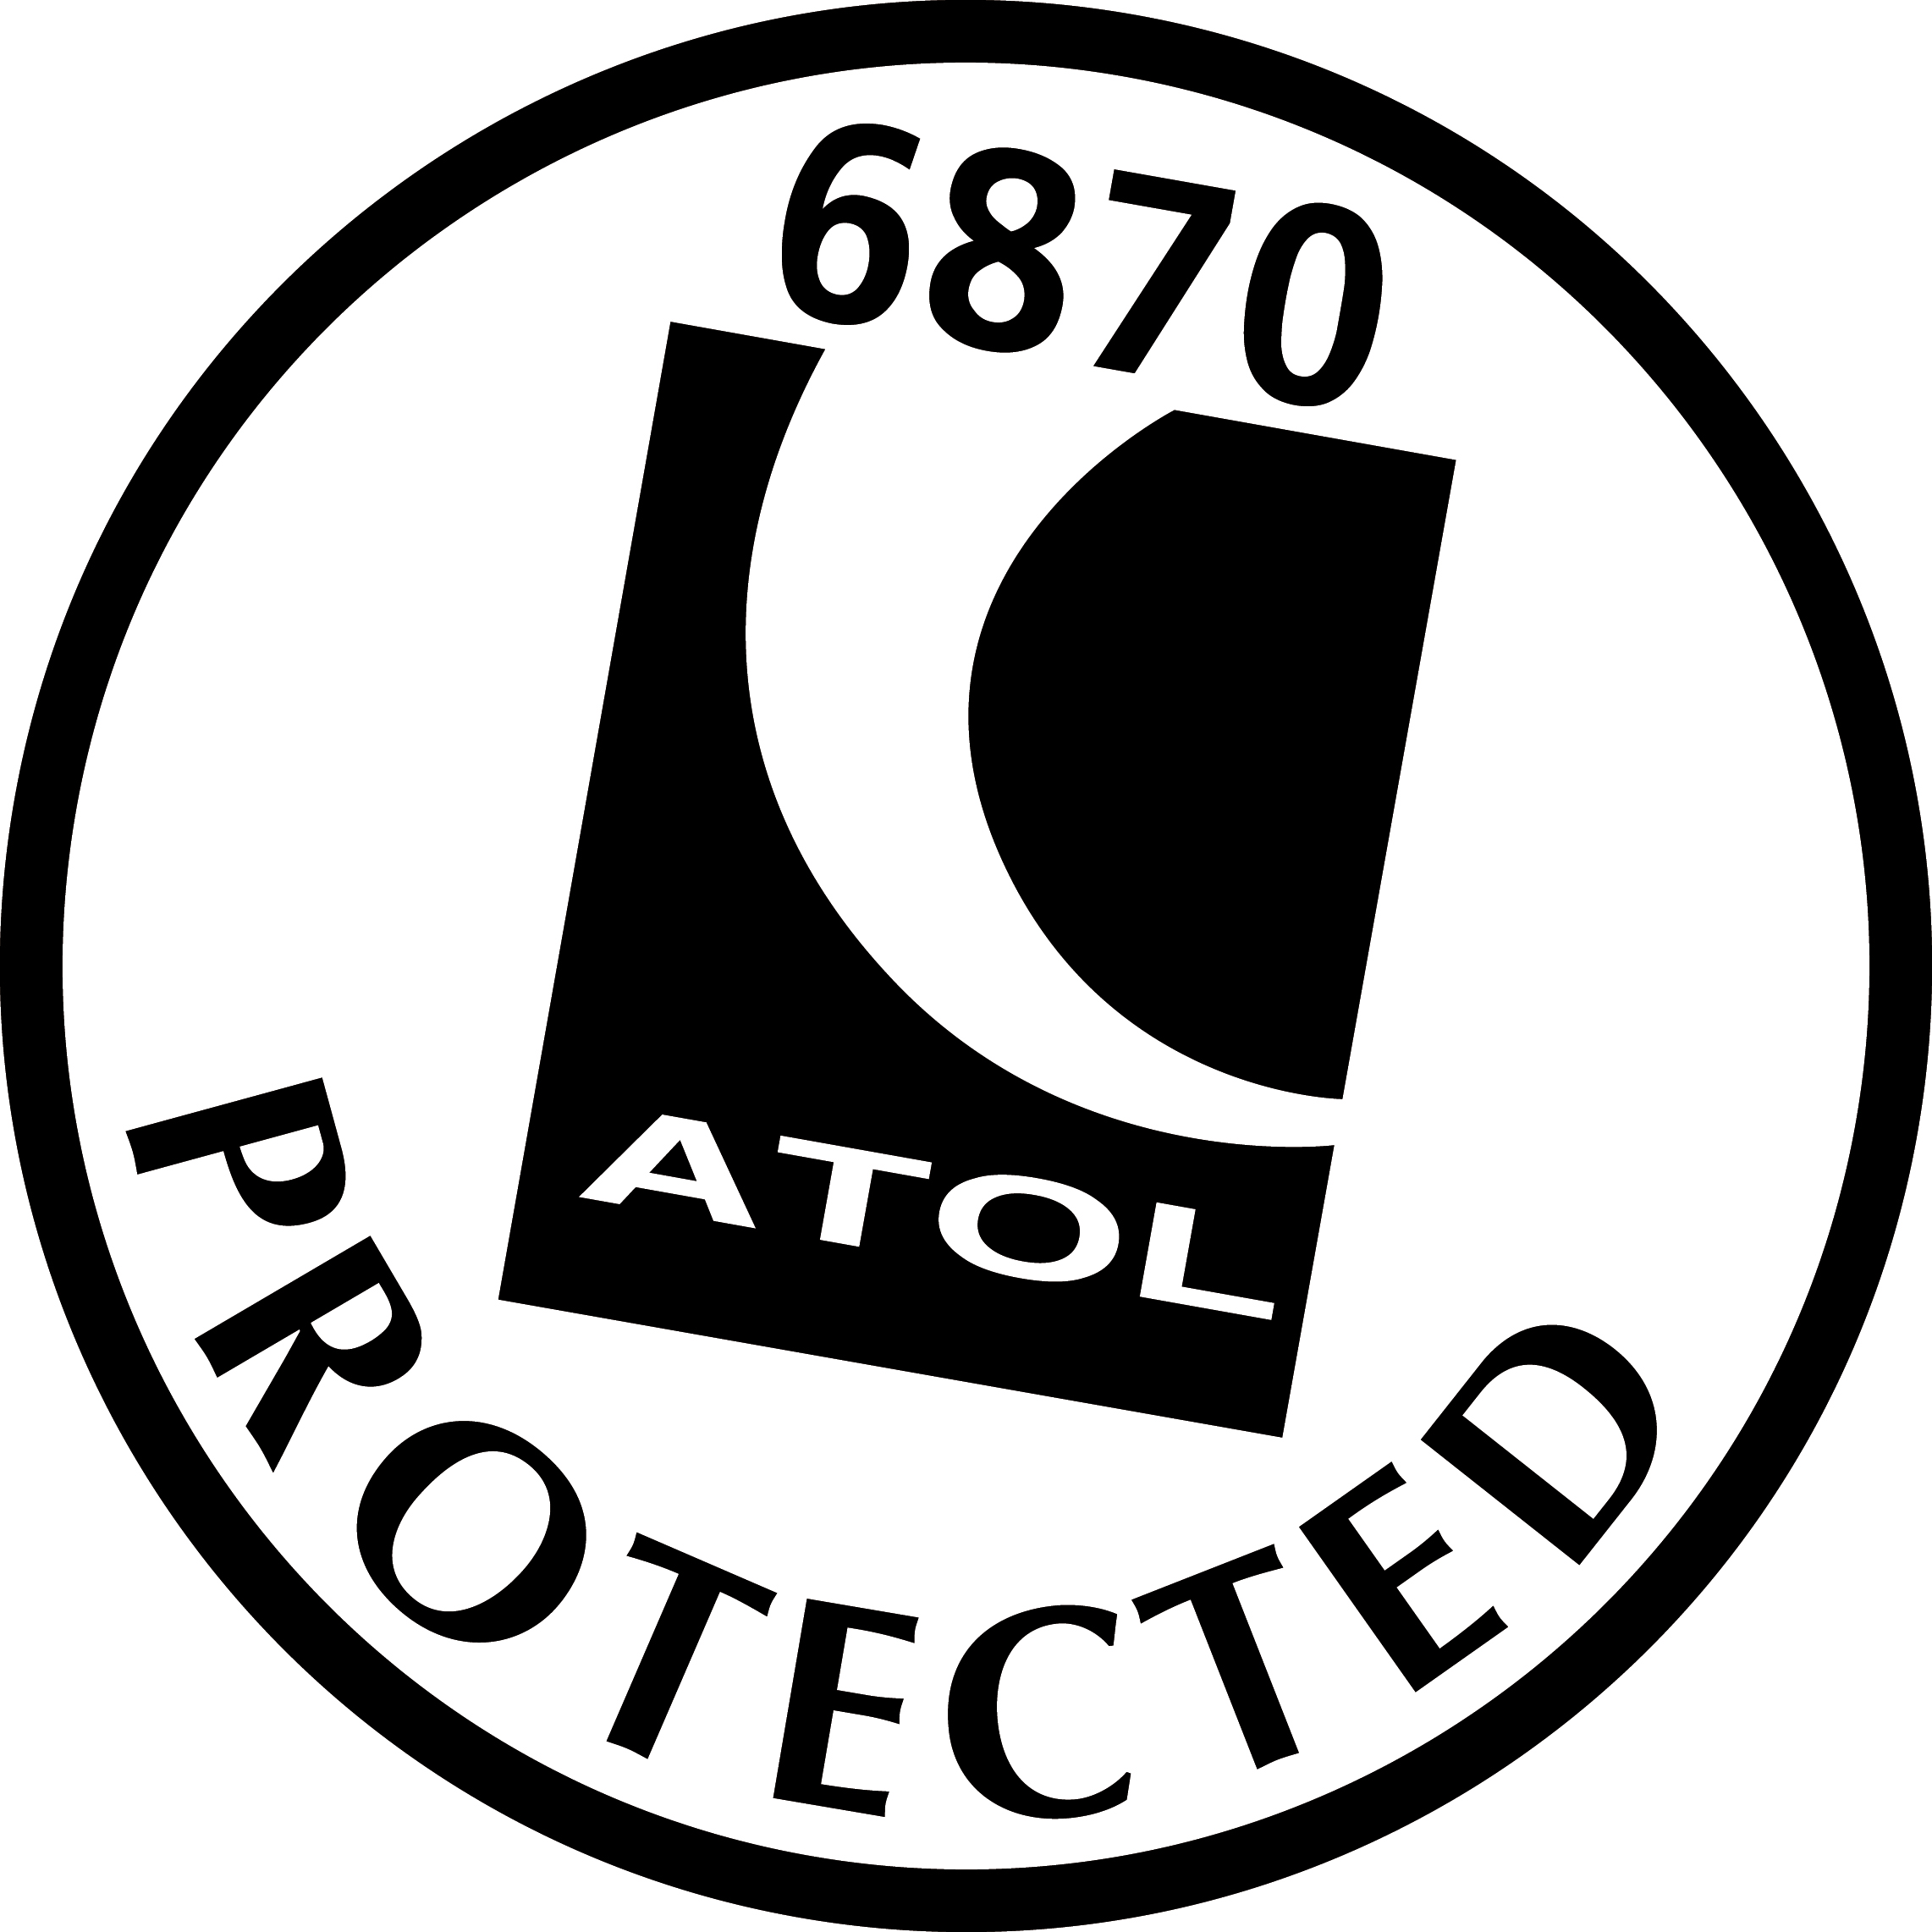 atol logo school tours